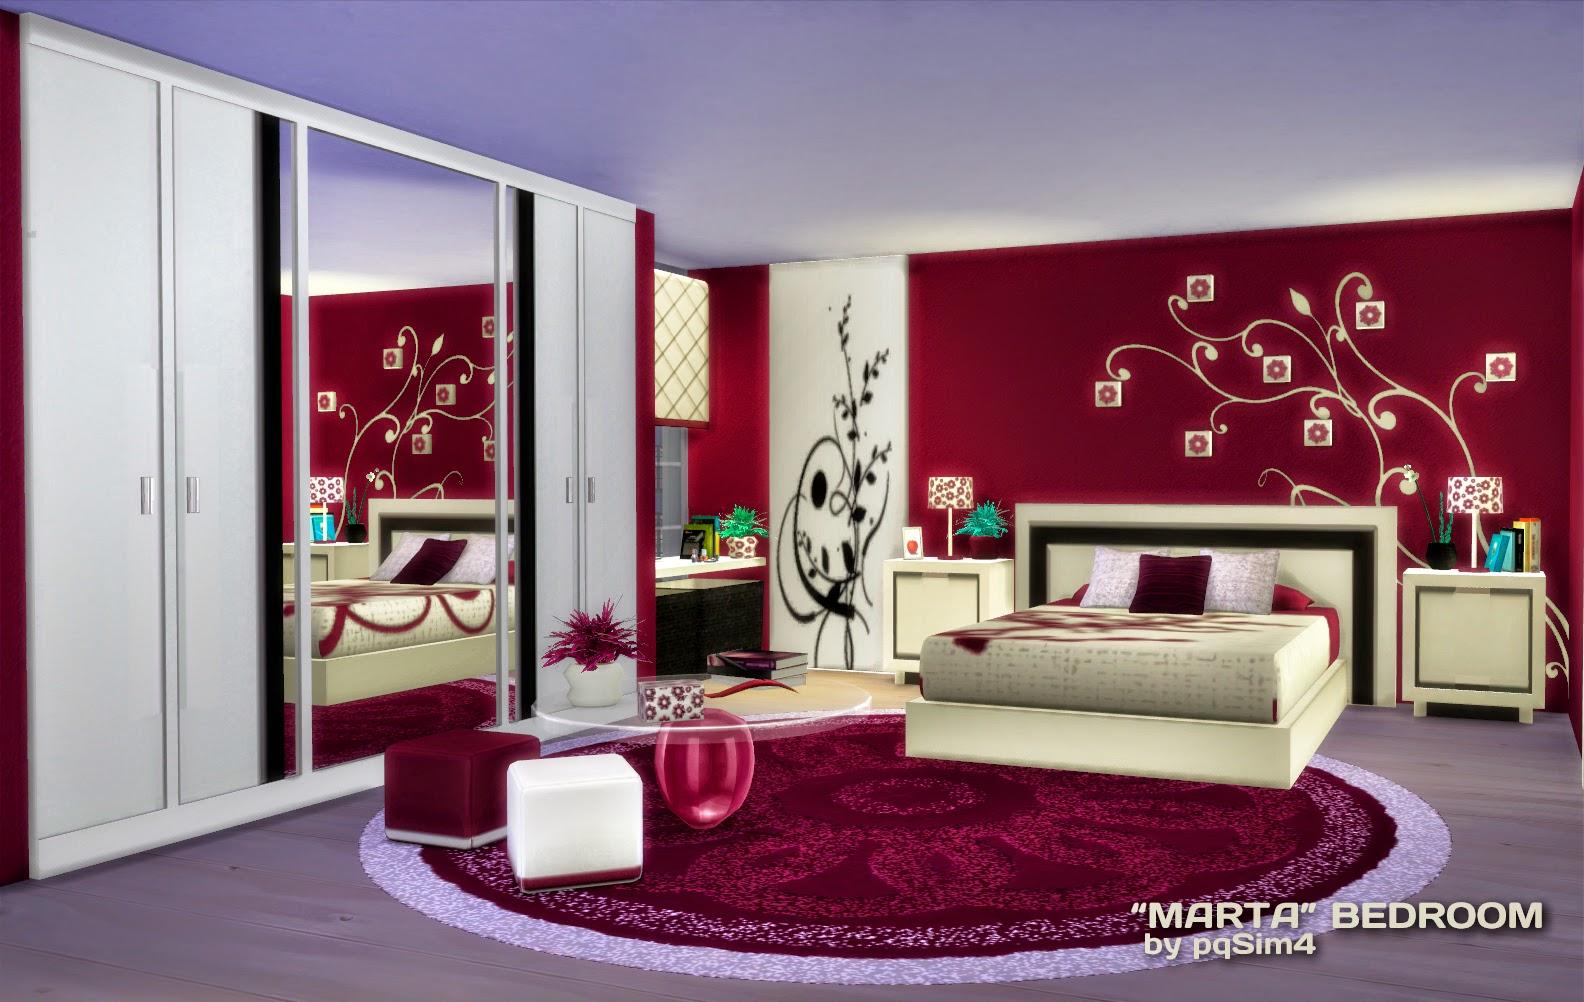 Sims 4 dormitorio marta for Dormitorio sims 4